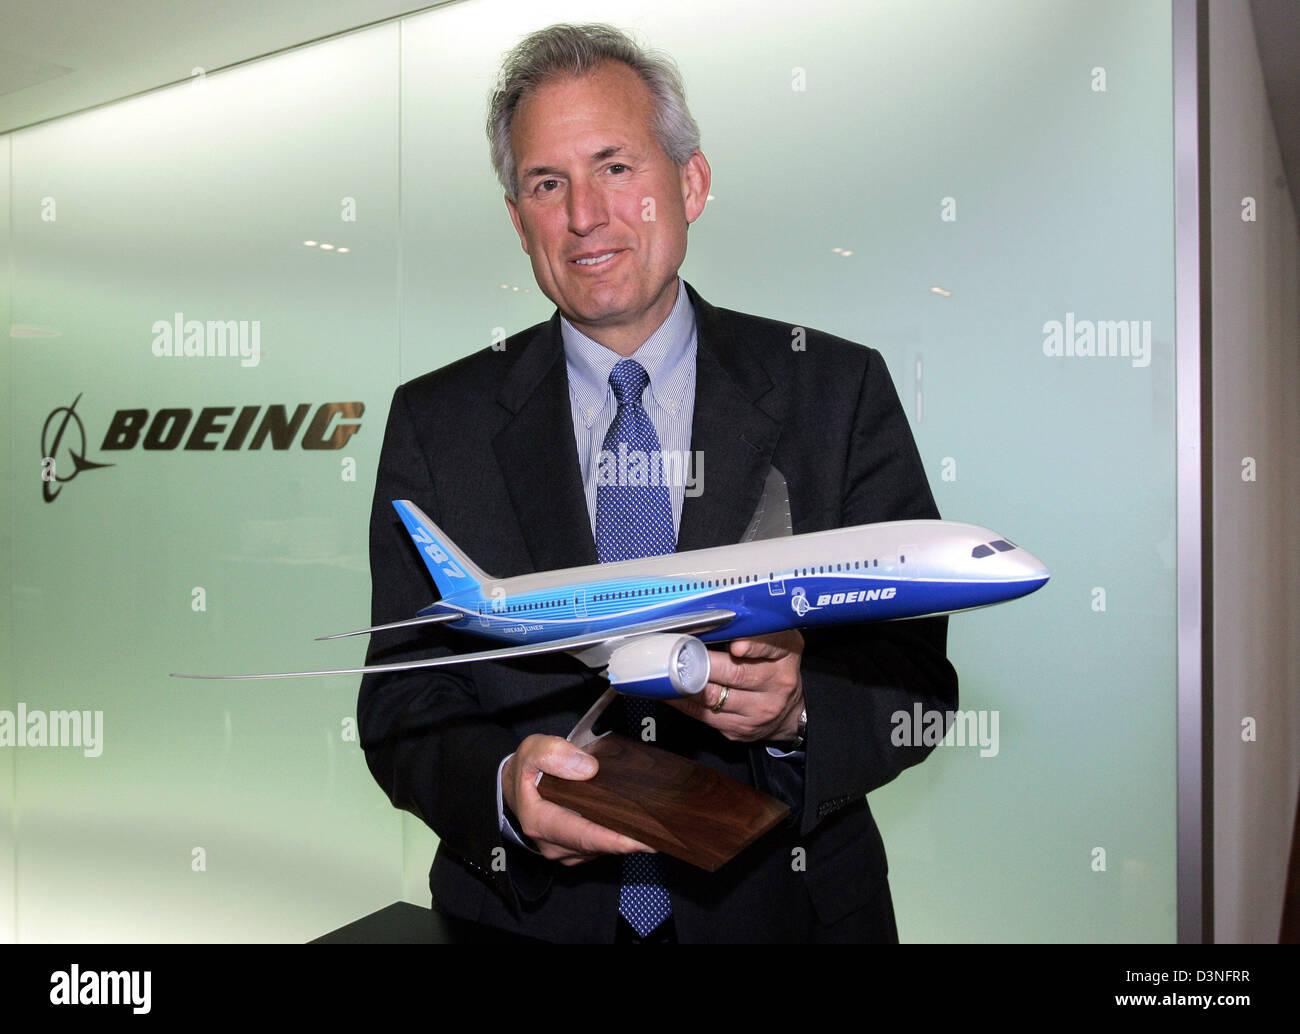 Jim McNerney, CEO de Boeing, contiene un modelo de un Boeing 787 en su oficina en Berlín, Alemania, el jueves 4 de mayo de 2006. La entrega del avión aún en desarrollo shal comiencen en 2008. Foto: Miguel Villagrán Foto de stock